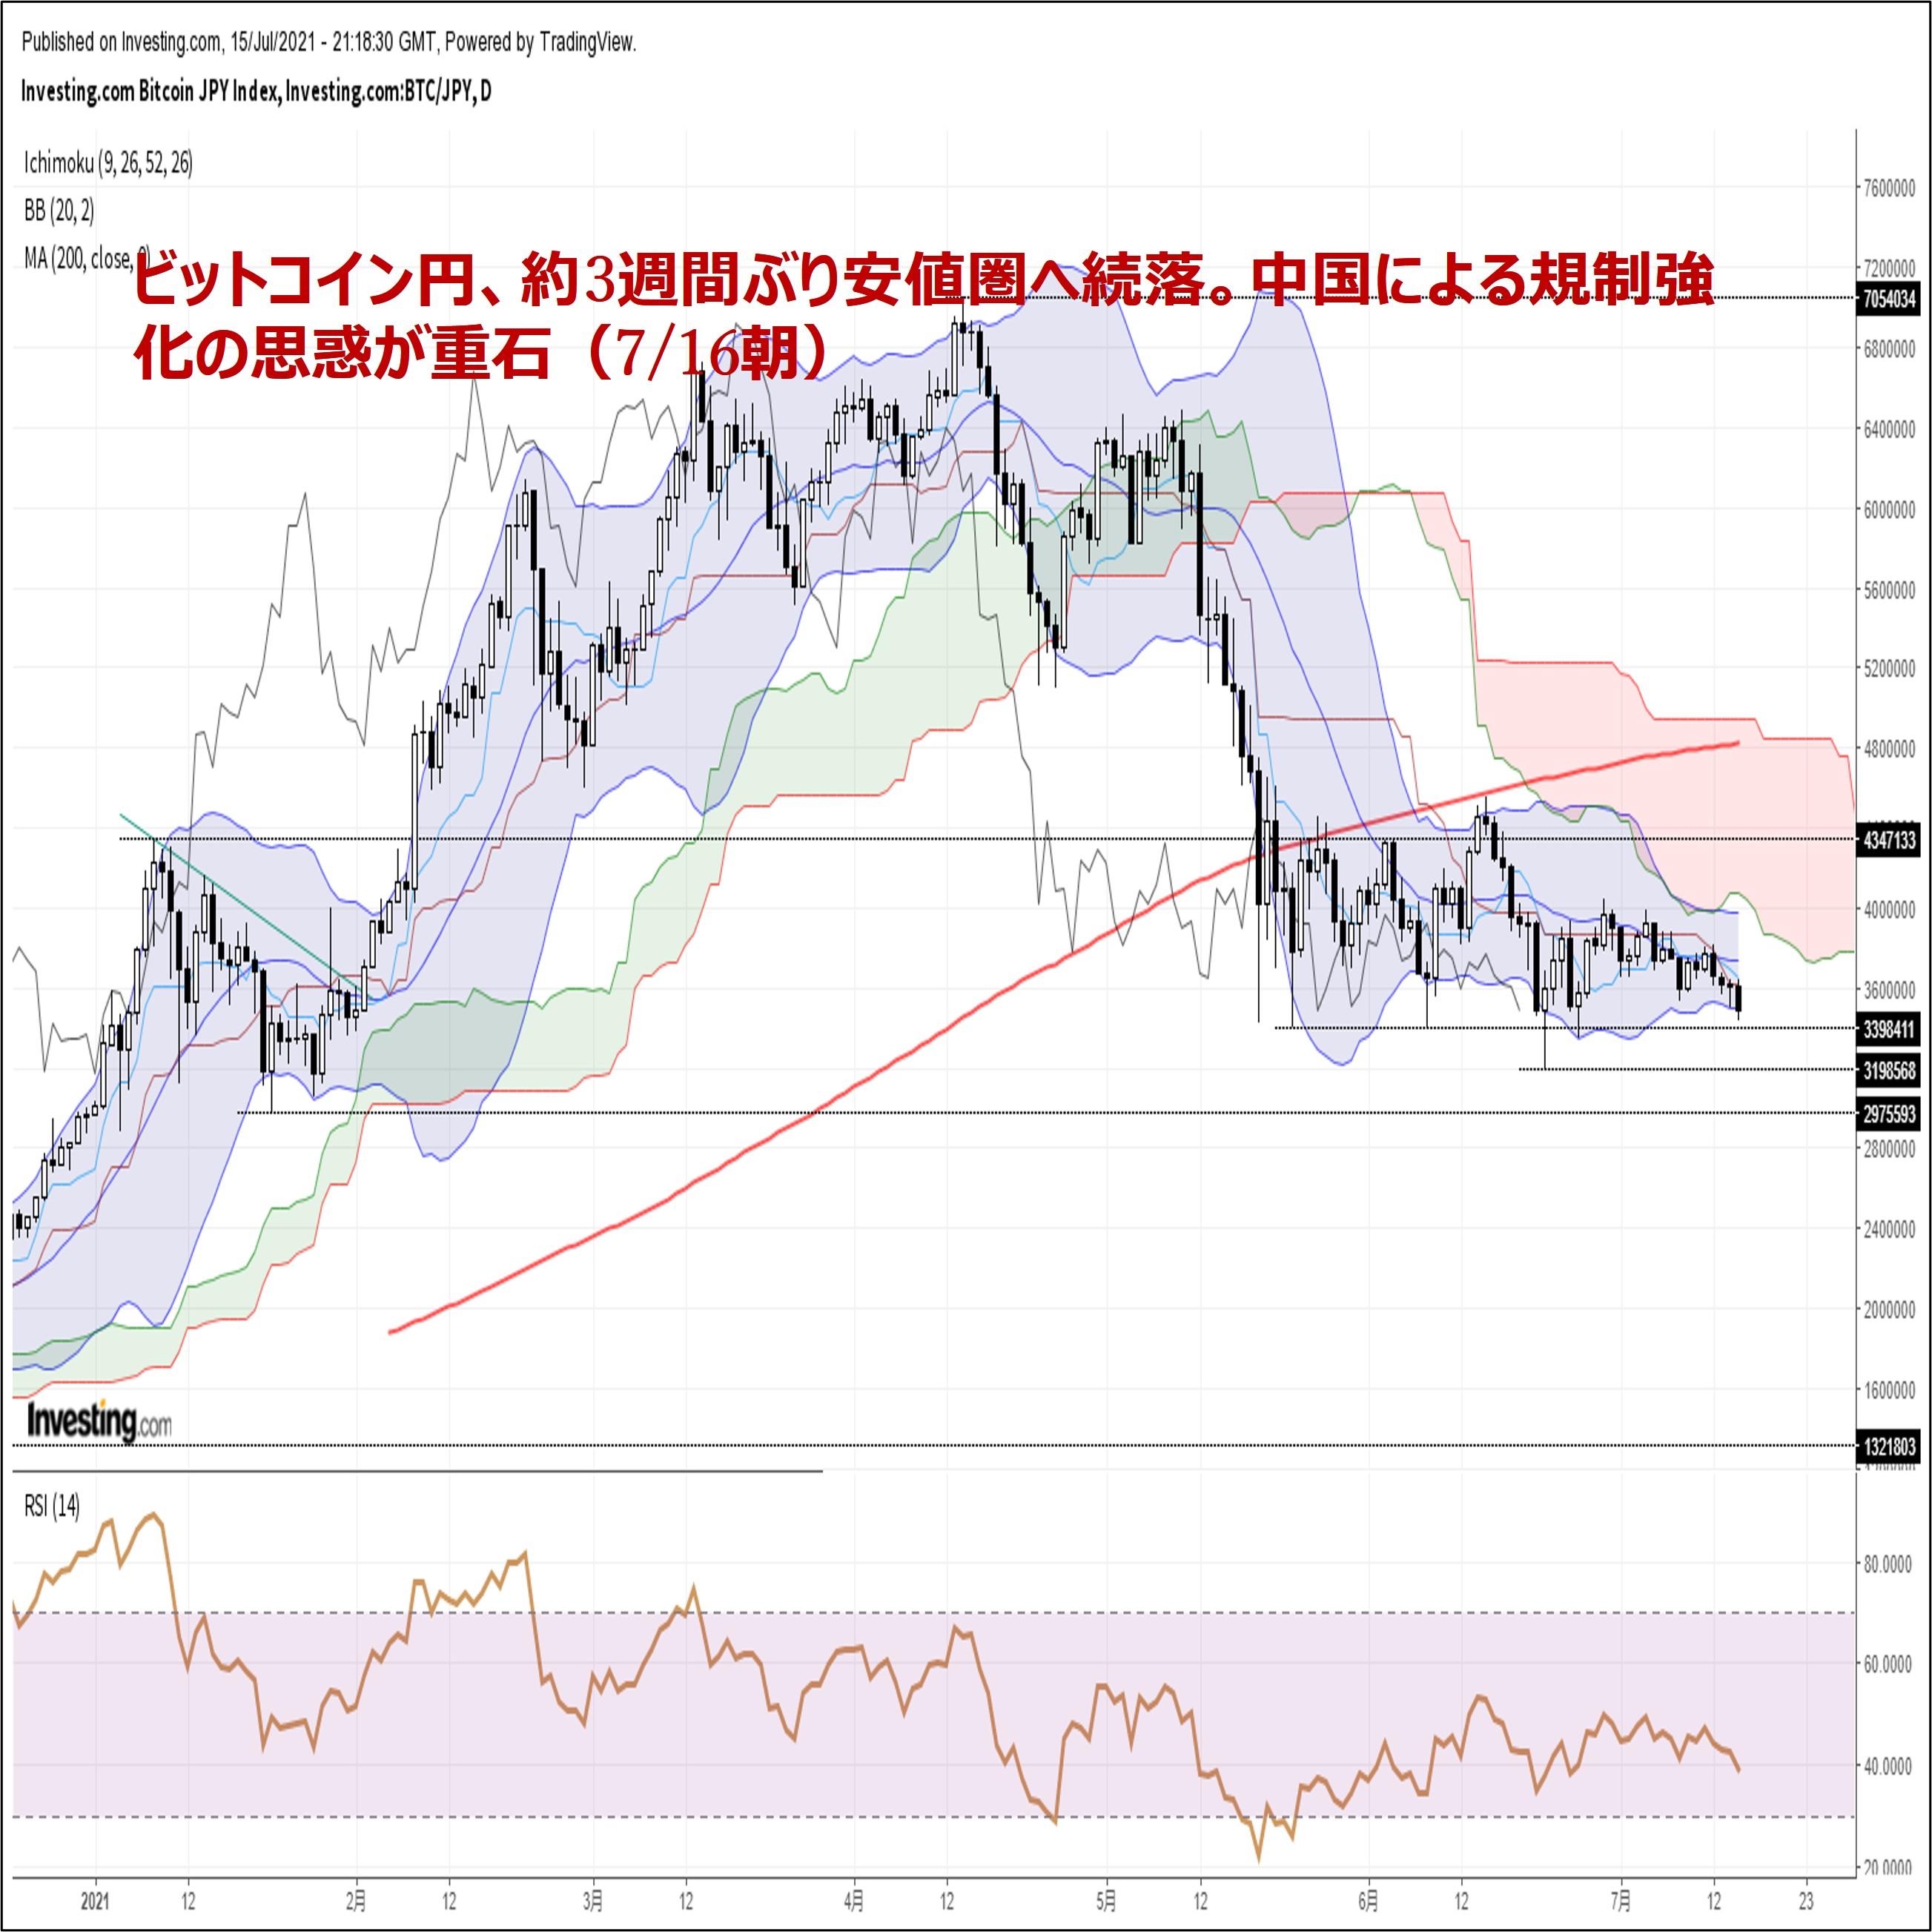 ビットコイン円、約3週間ぶり安値圏へ続落。中国による規制強化の思惑が重石(7/16朝)